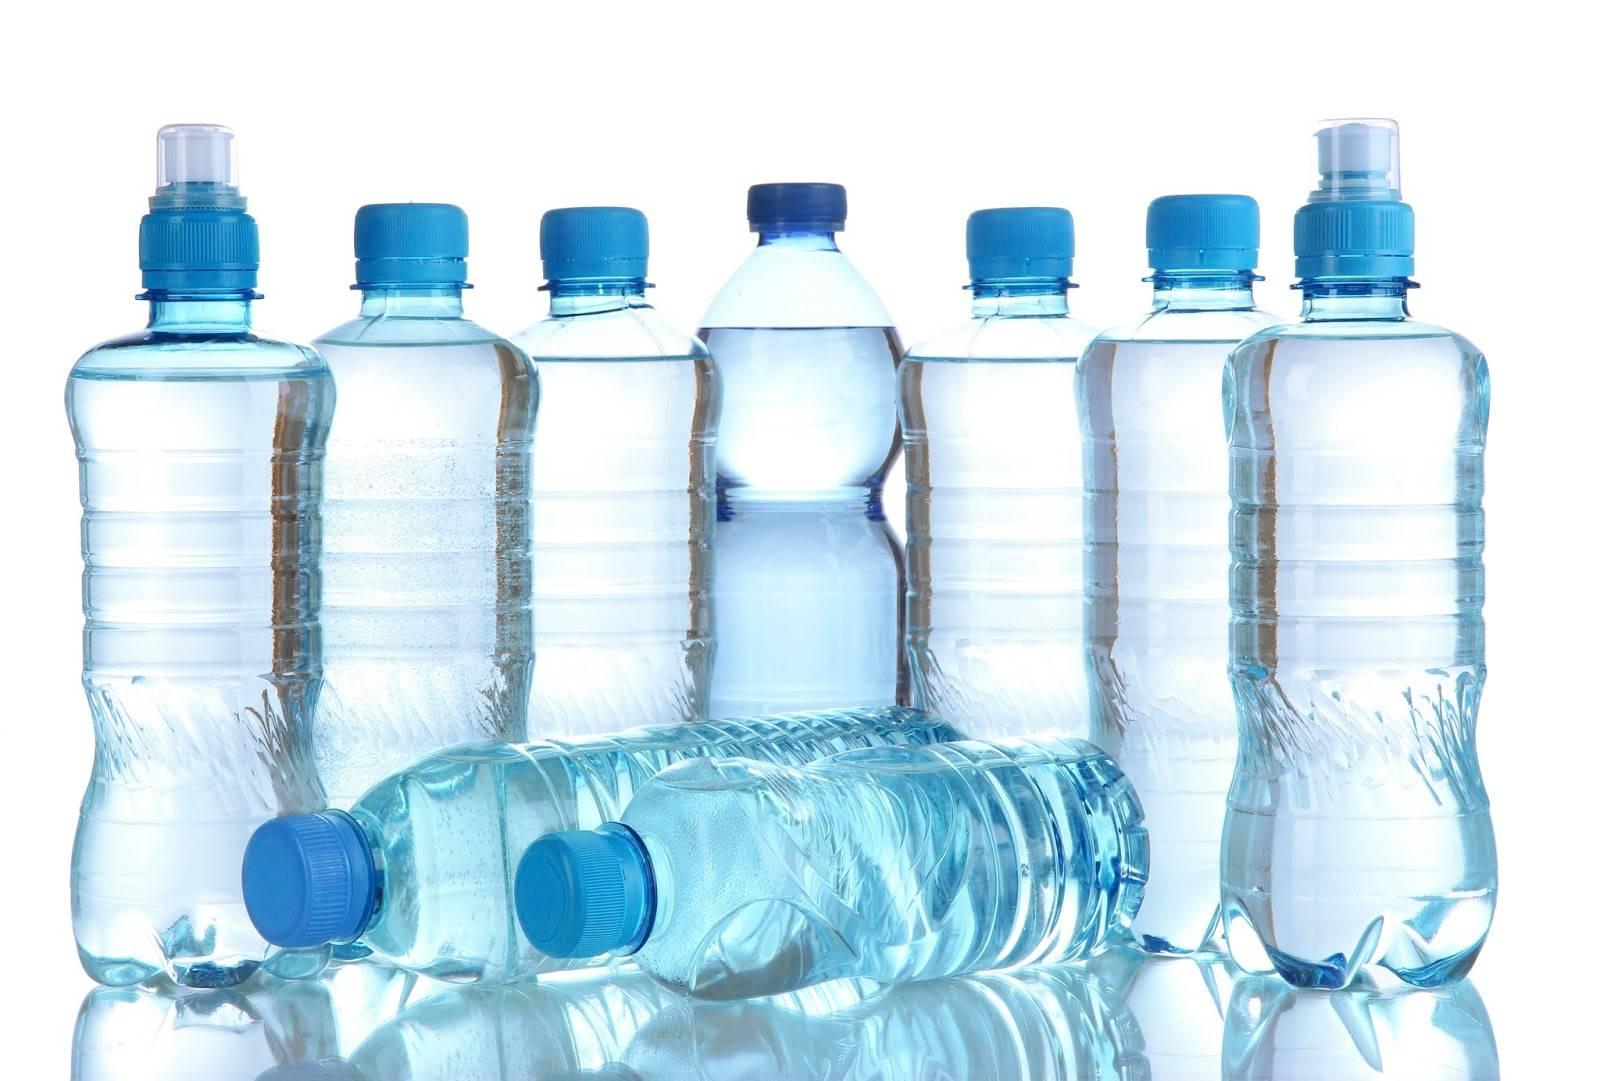 Импорт питьевой воды может сократиться из-за требований в части маркировки